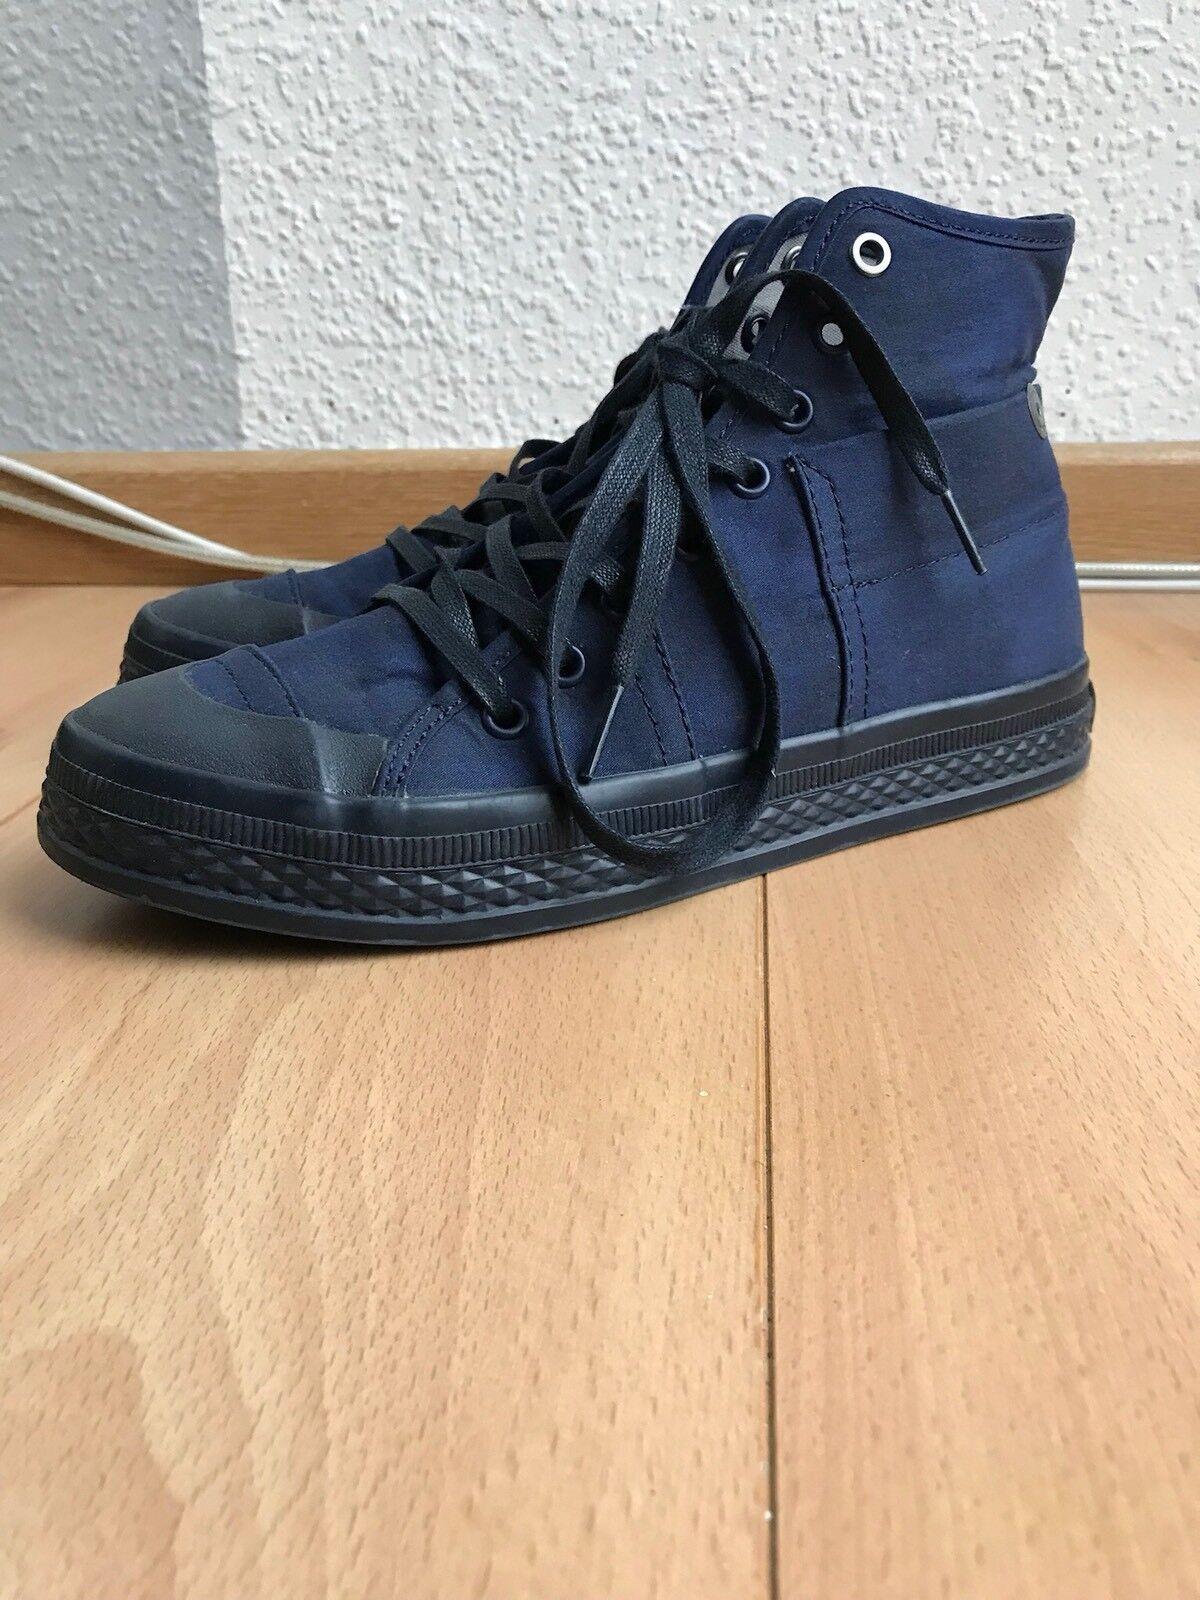 G Star RAW Damen Sneaker Originals 39 39 39 655900